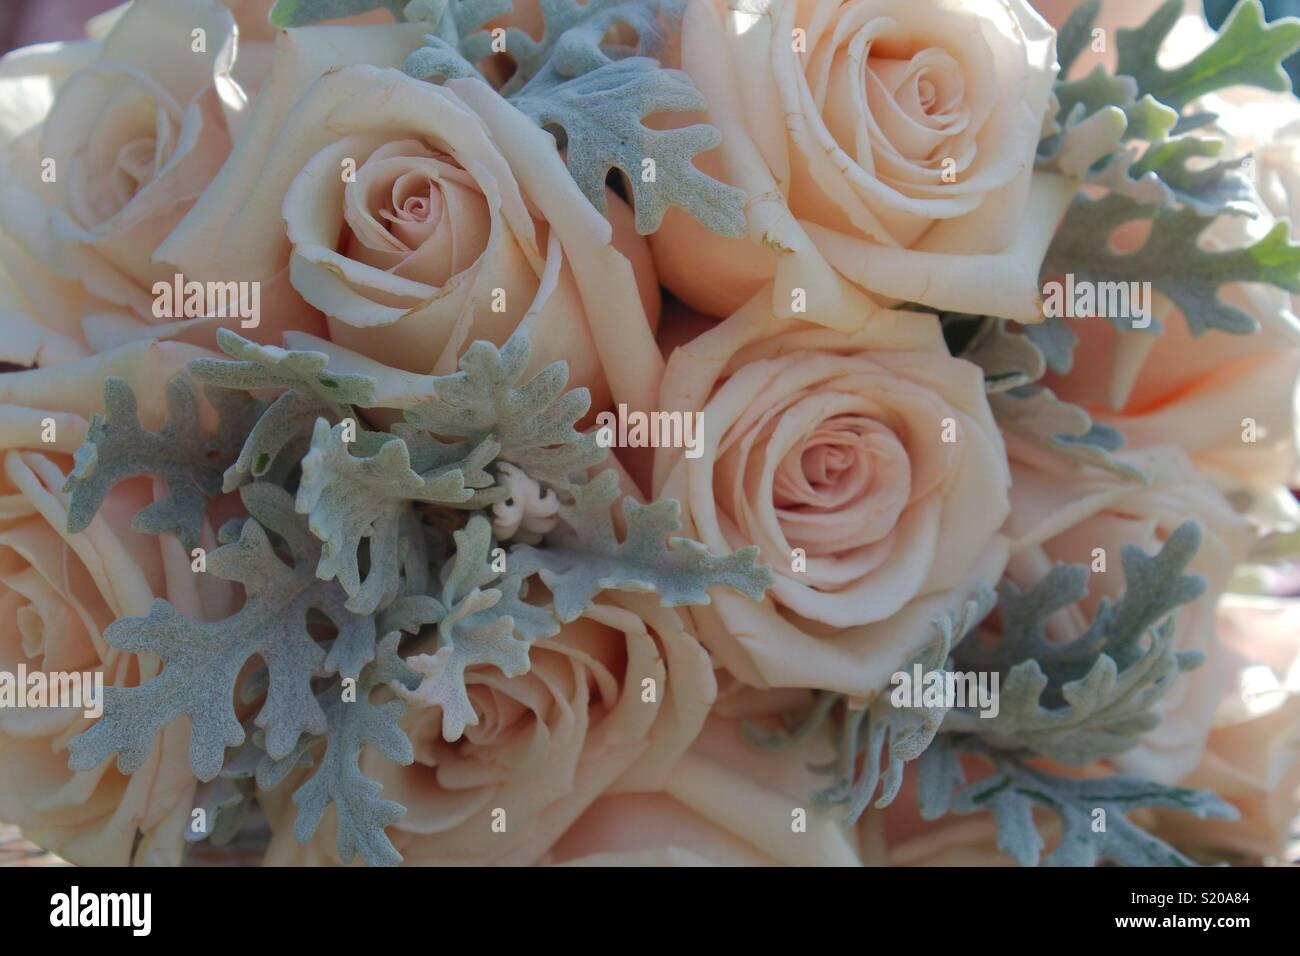 Ein Brautstrauss Von Apricot Rosen Und Blass Grun Blatt Laub